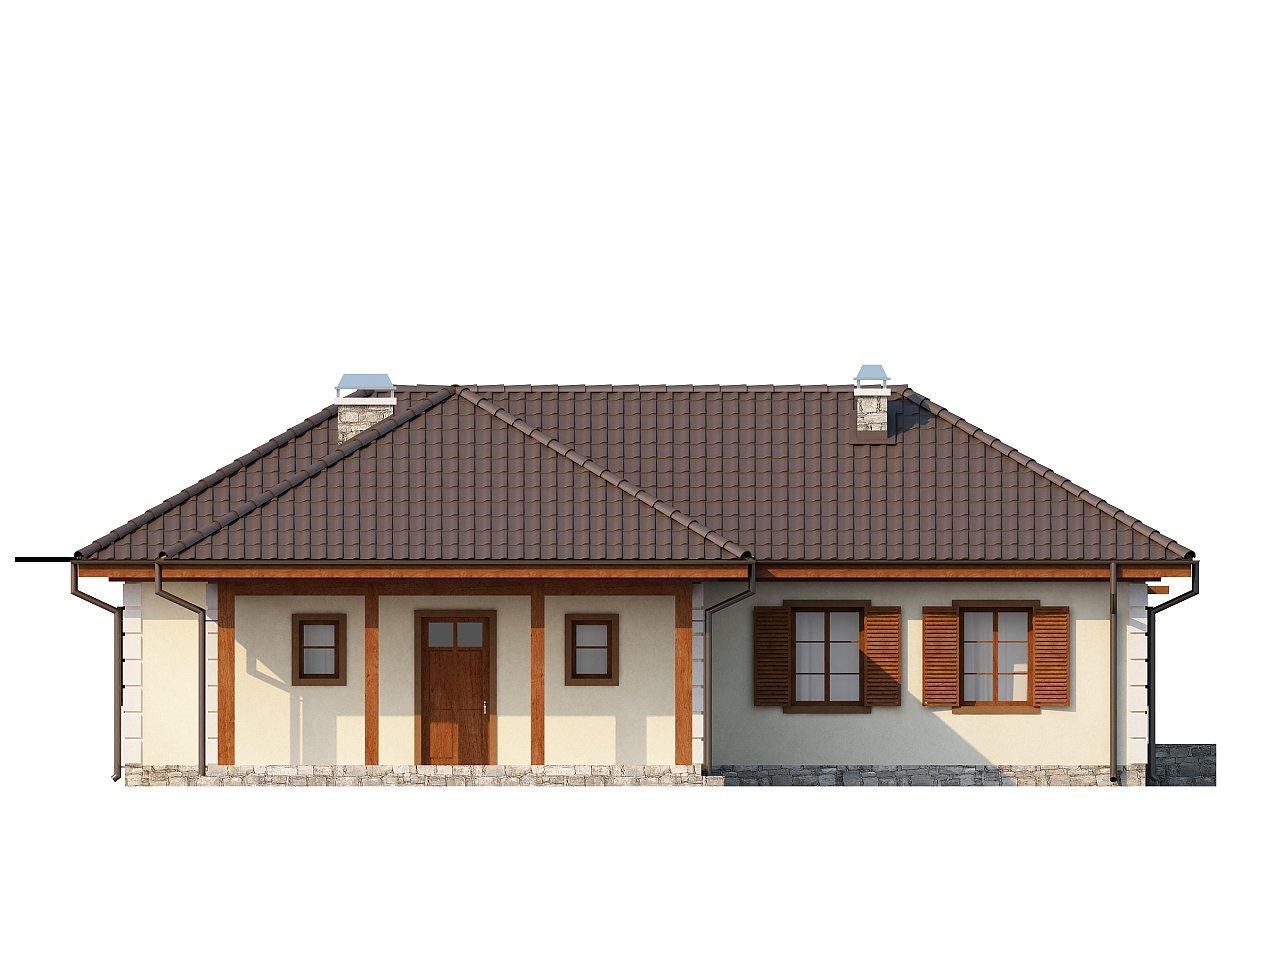 Добротный практичный одноэтажный дом с возможностью обустройства мансарды. - фото 3